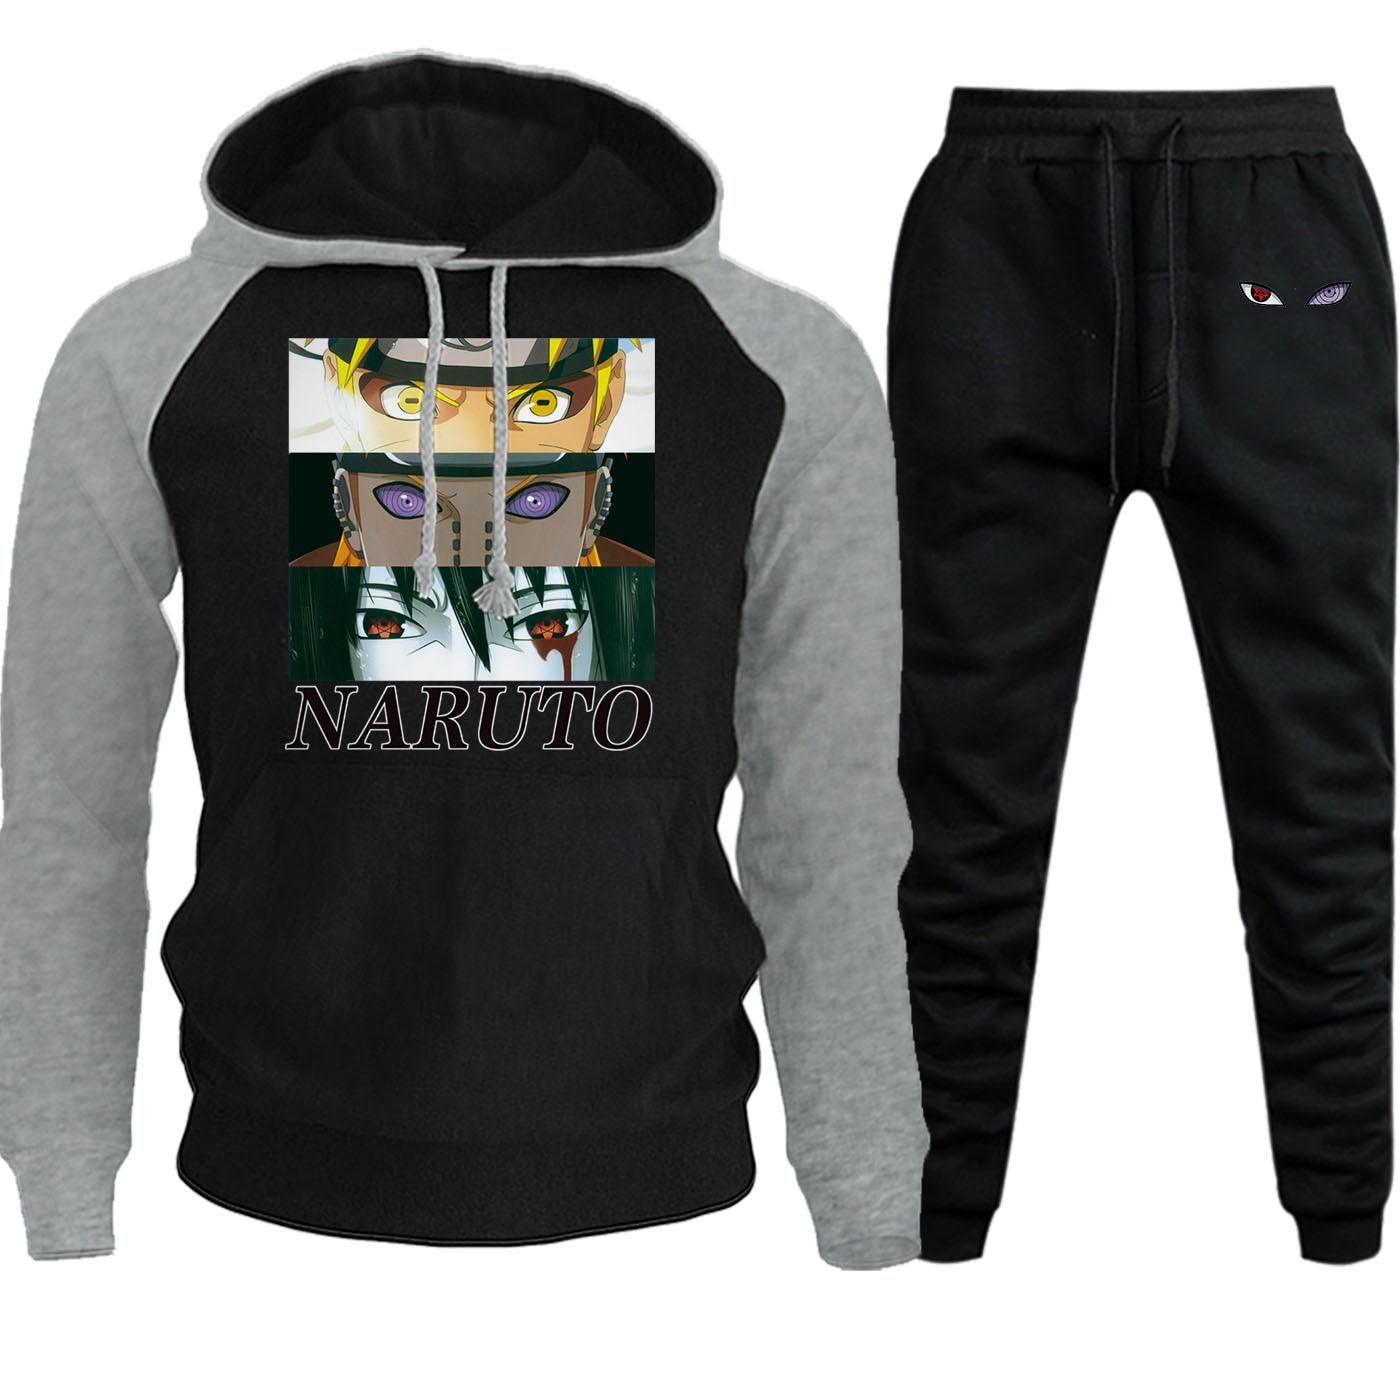 Winter Hot Sale Hooded Mens Streetwear Raglan Naruto Cartoon Print Casual Pullover Hip Hop Sweatshirt Hoodie+Pants 2 Piece Set